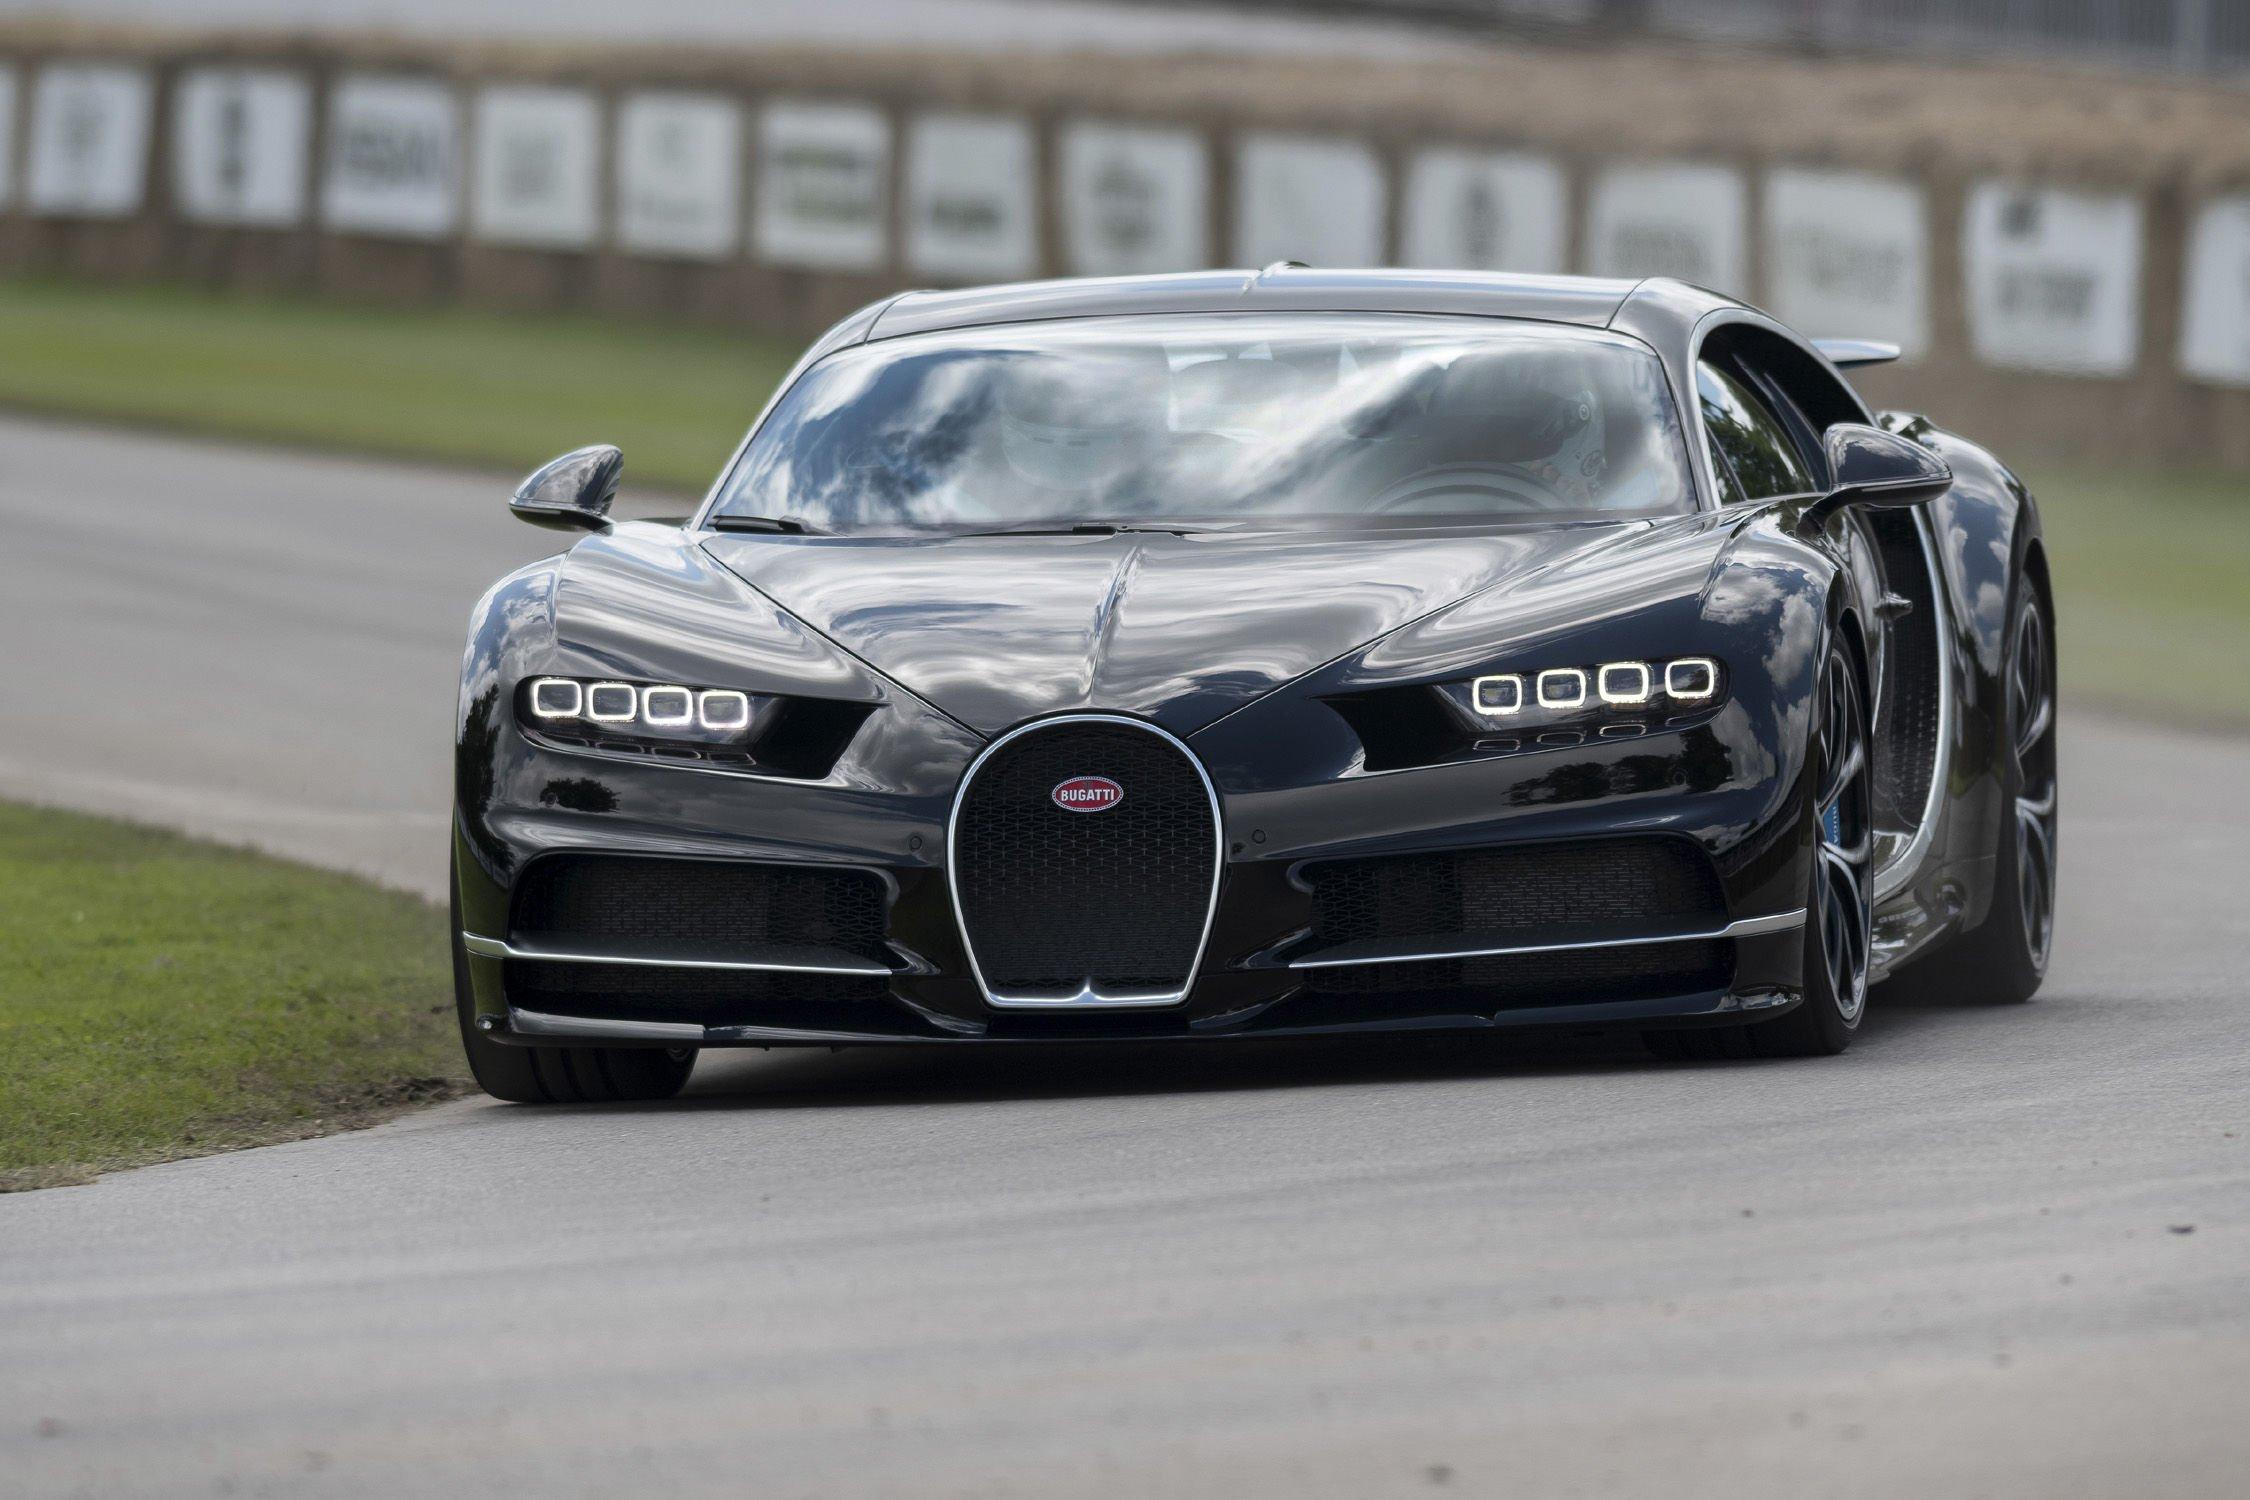 bugatti chiron record du monde de vitesse en ligne de mire actualit automobile motorlegend. Black Bedroom Furniture Sets. Home Design Ideas